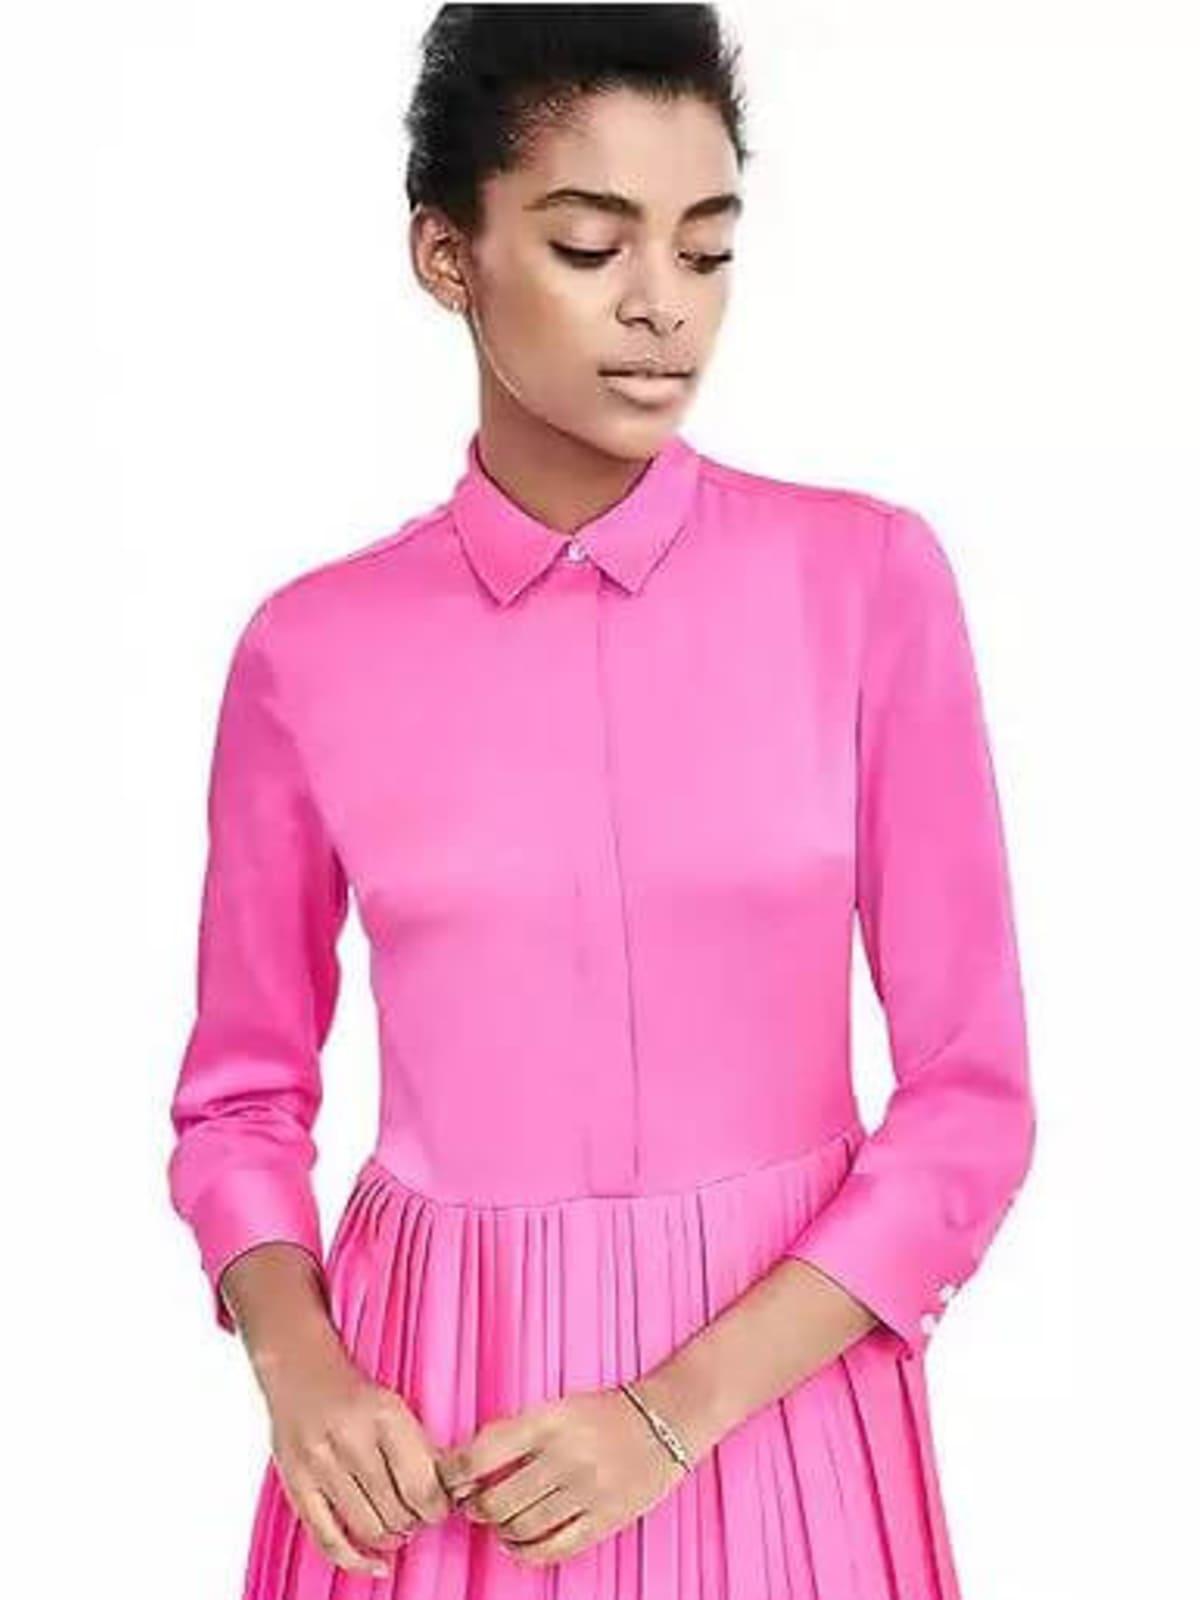 Pleat-Skirt Shirtdress